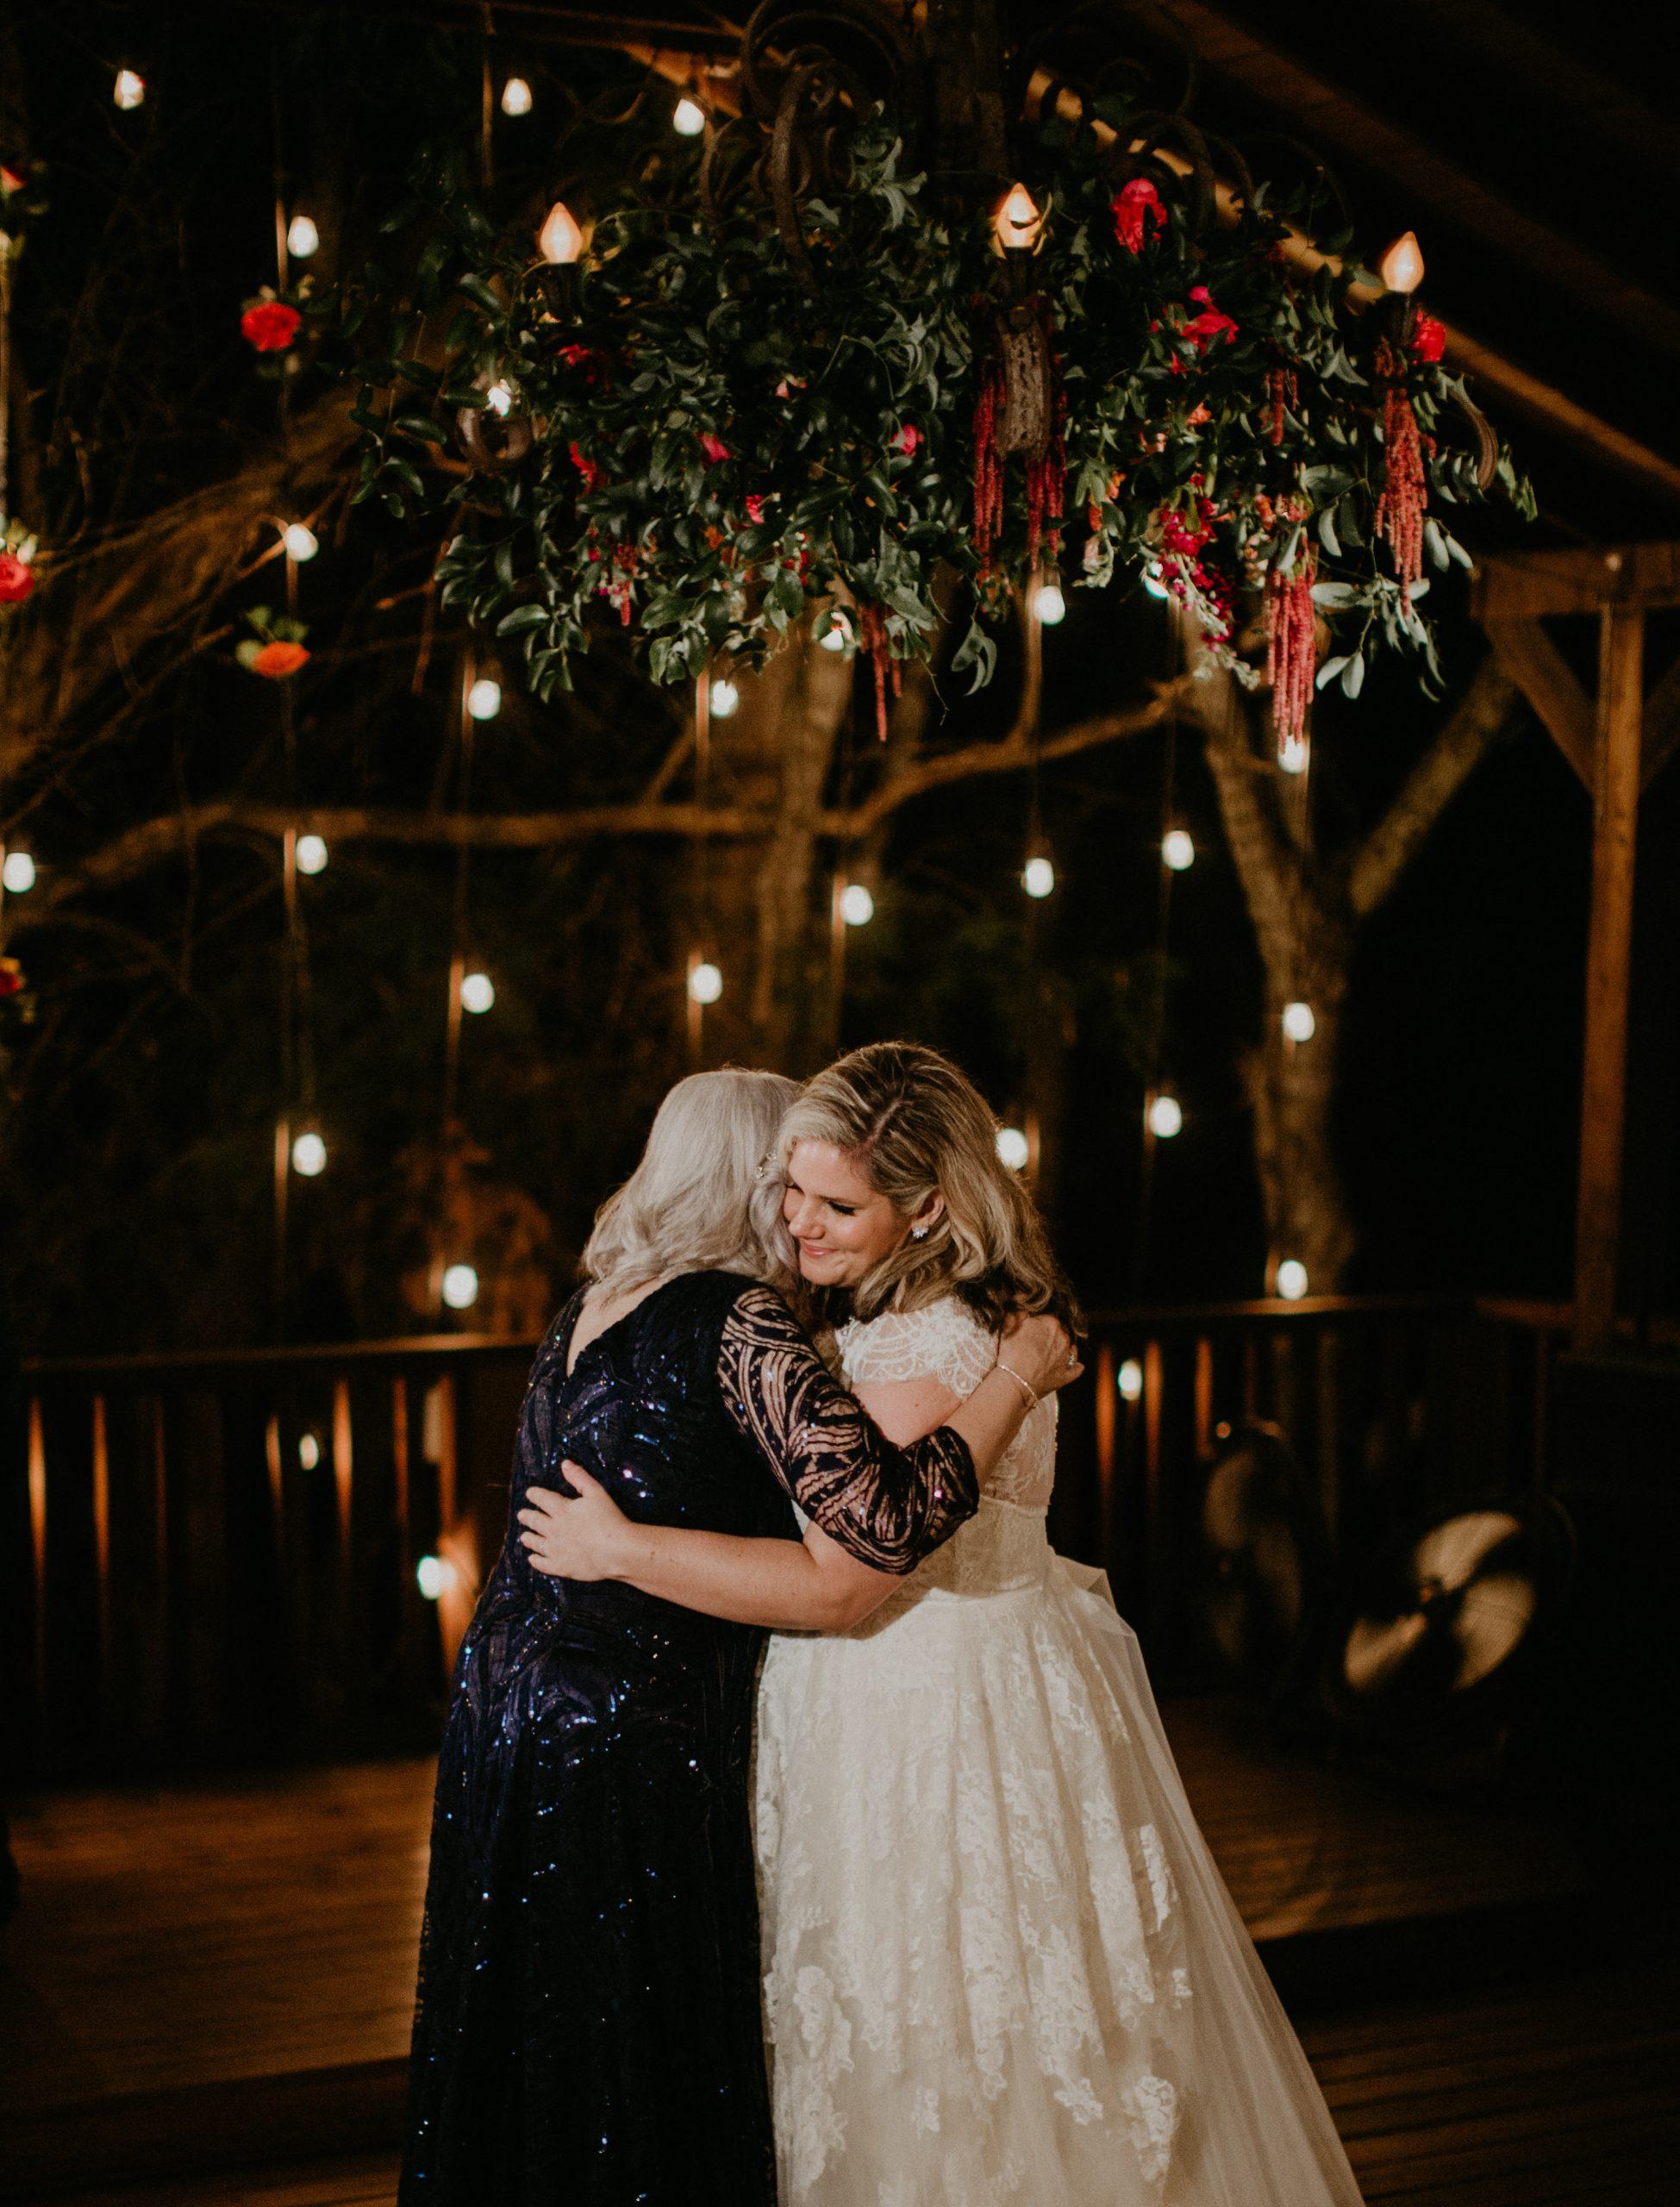 Meme Urbane Photography - Outdoor Garden Wedding - McKinney Texas - Avalon Legacy Ranch - Outdoor Wedding - Mom & Daughter Dance